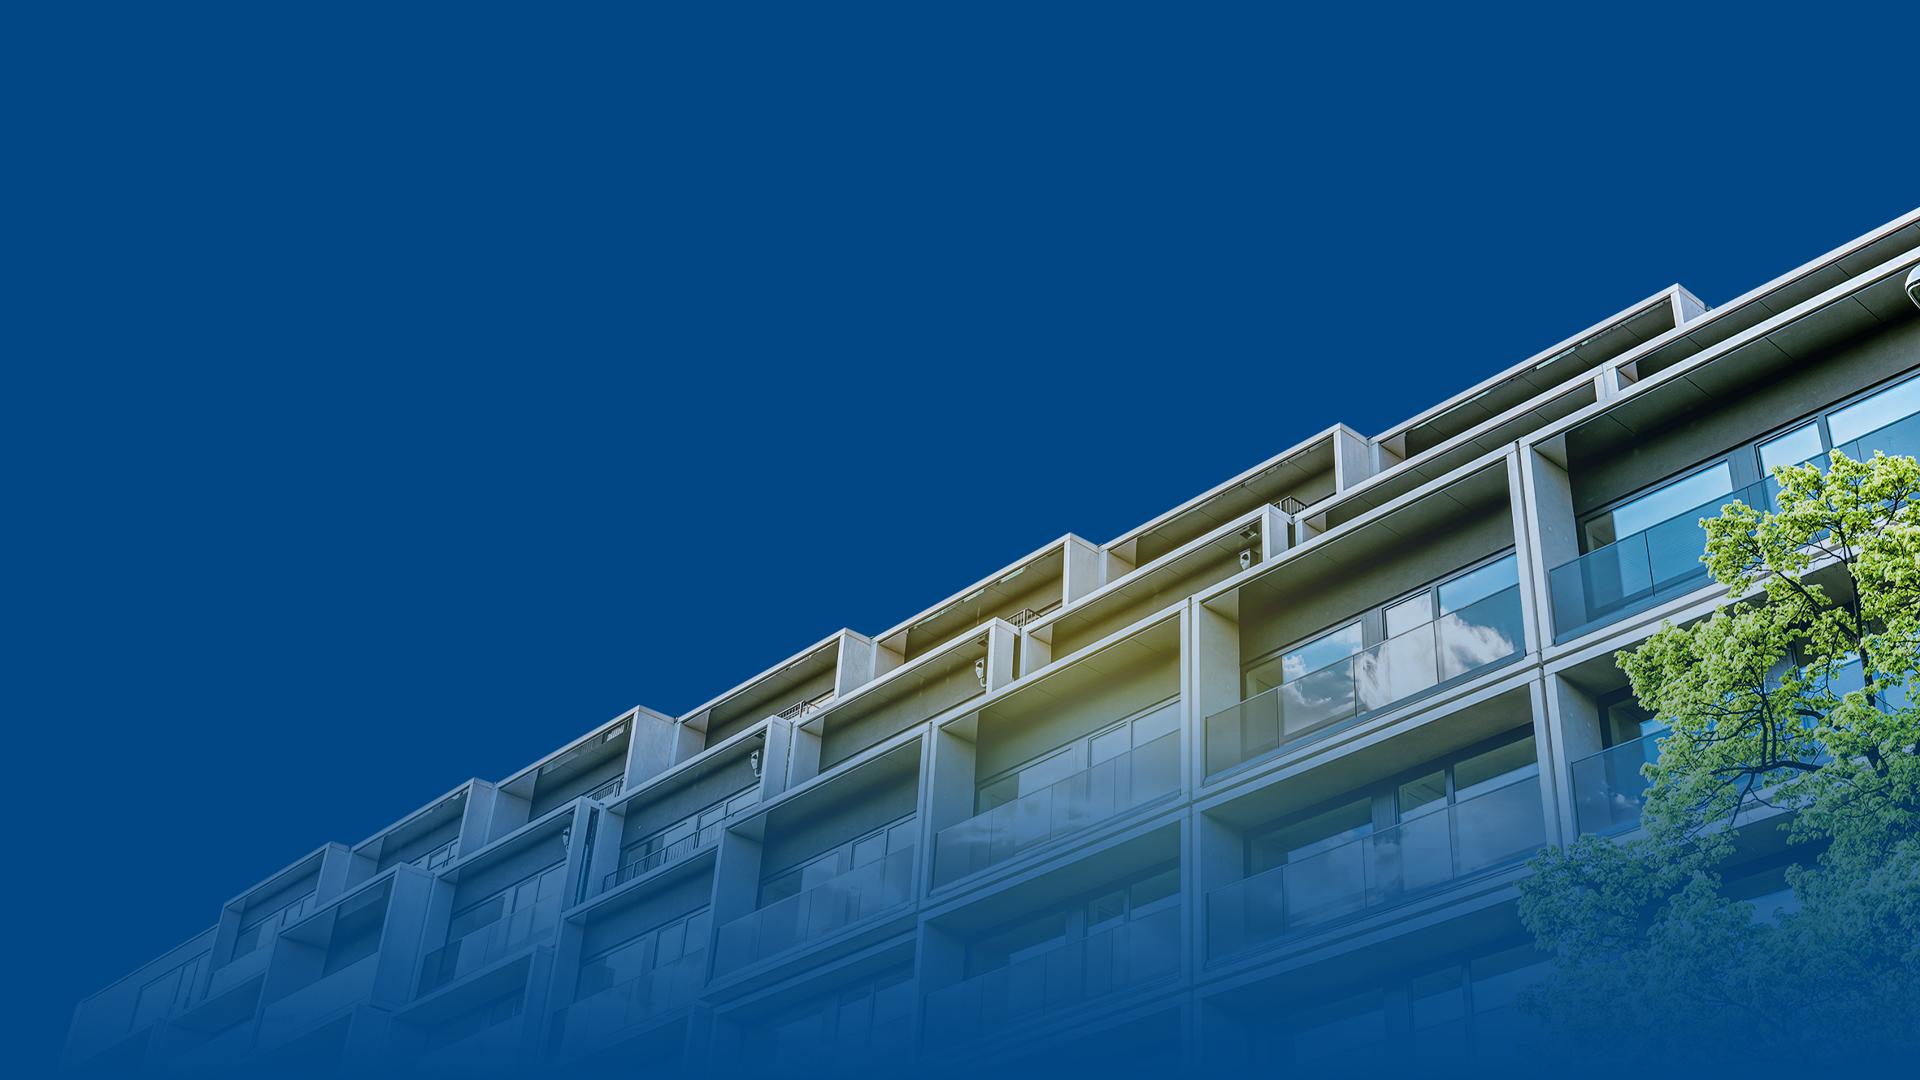 Wohnimmobilie - Leistungen EKB GmbH